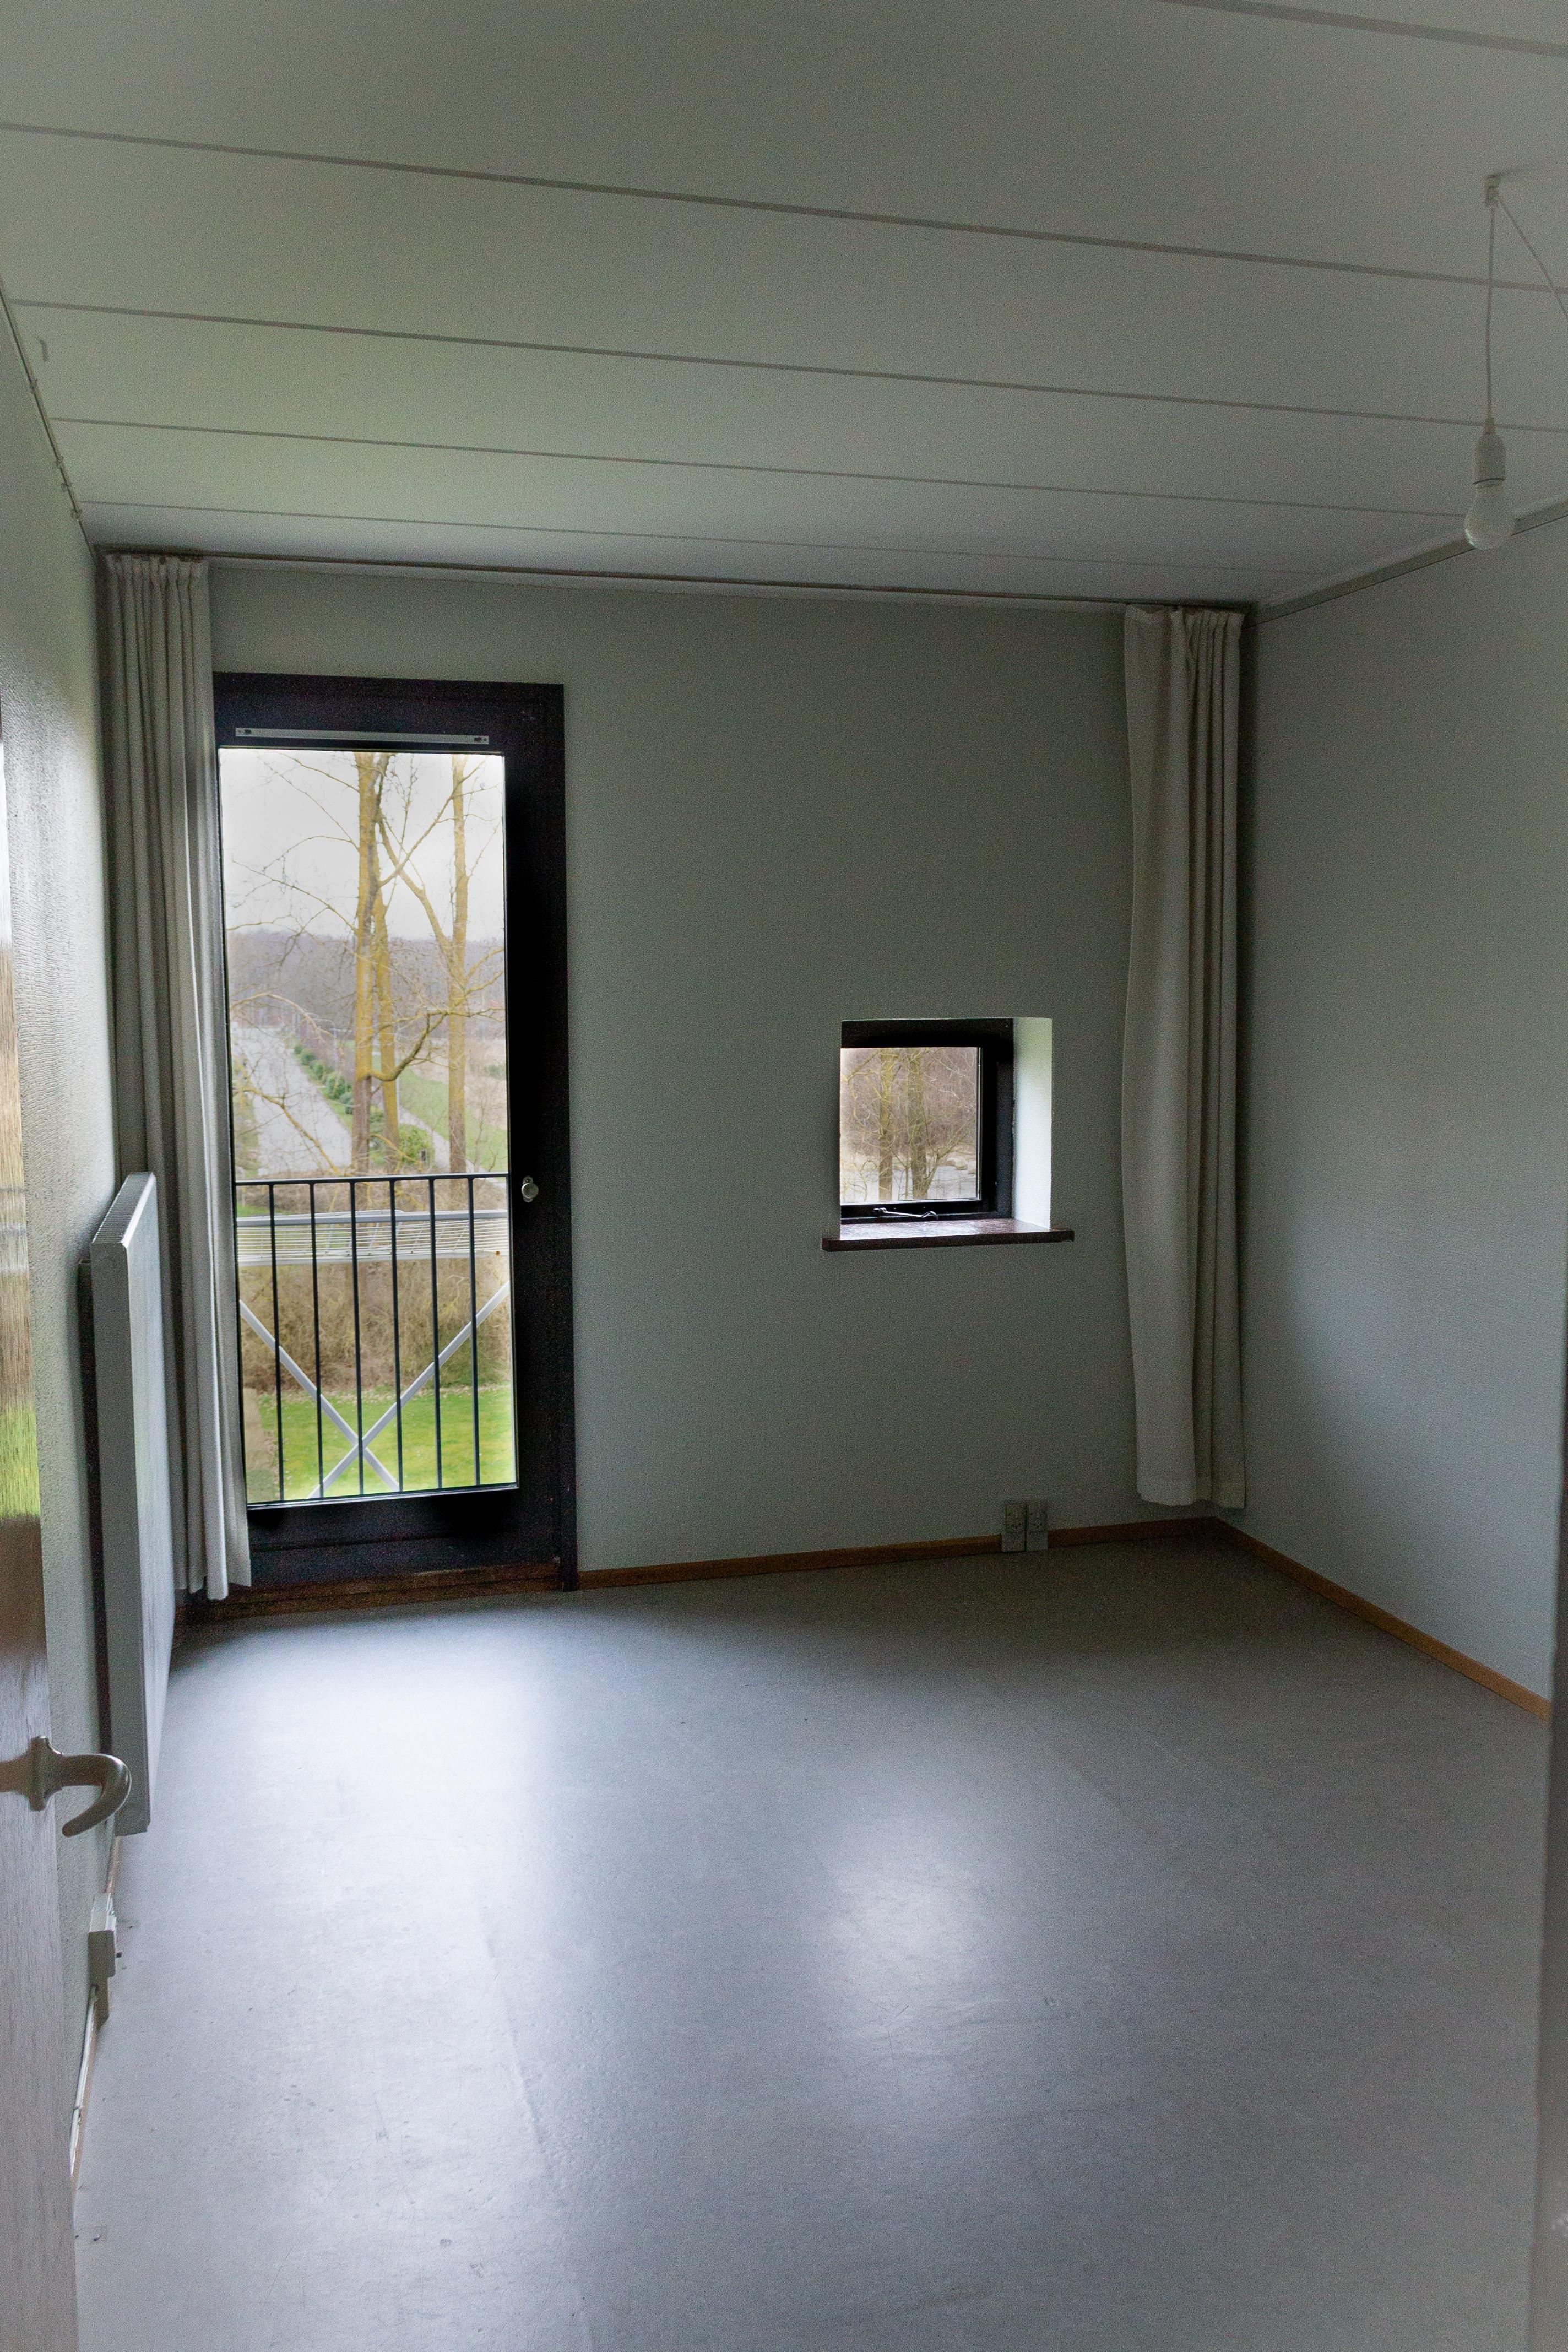 værelse // room